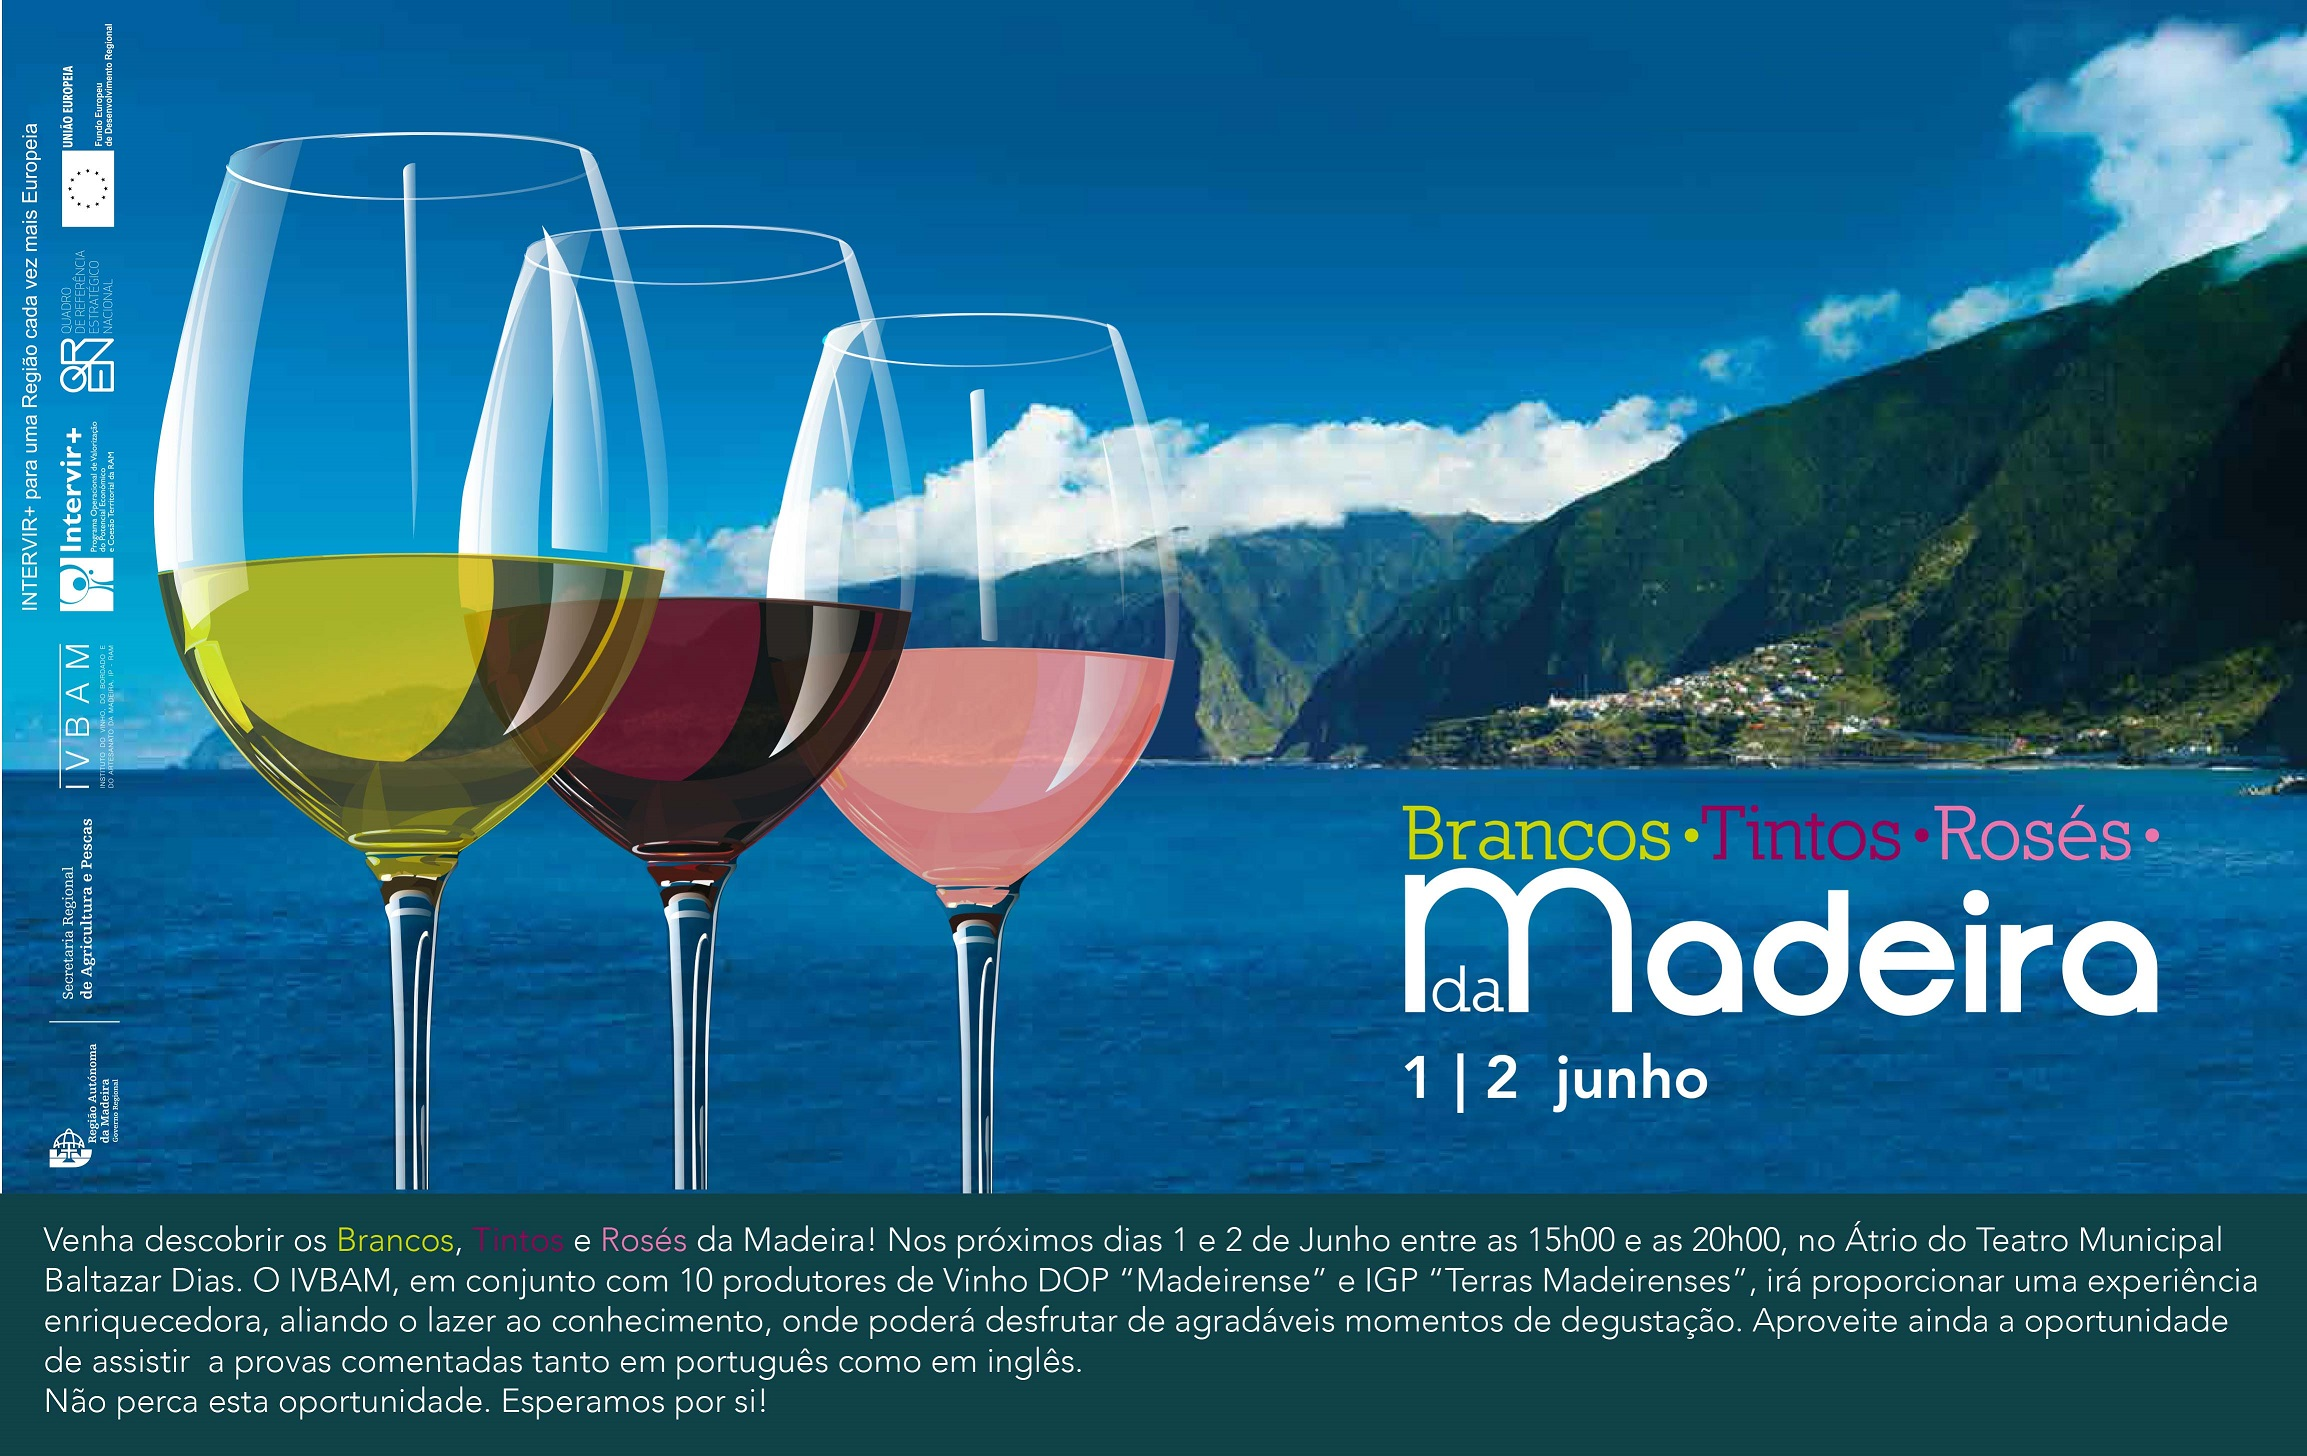 Ação promocional de vinhos